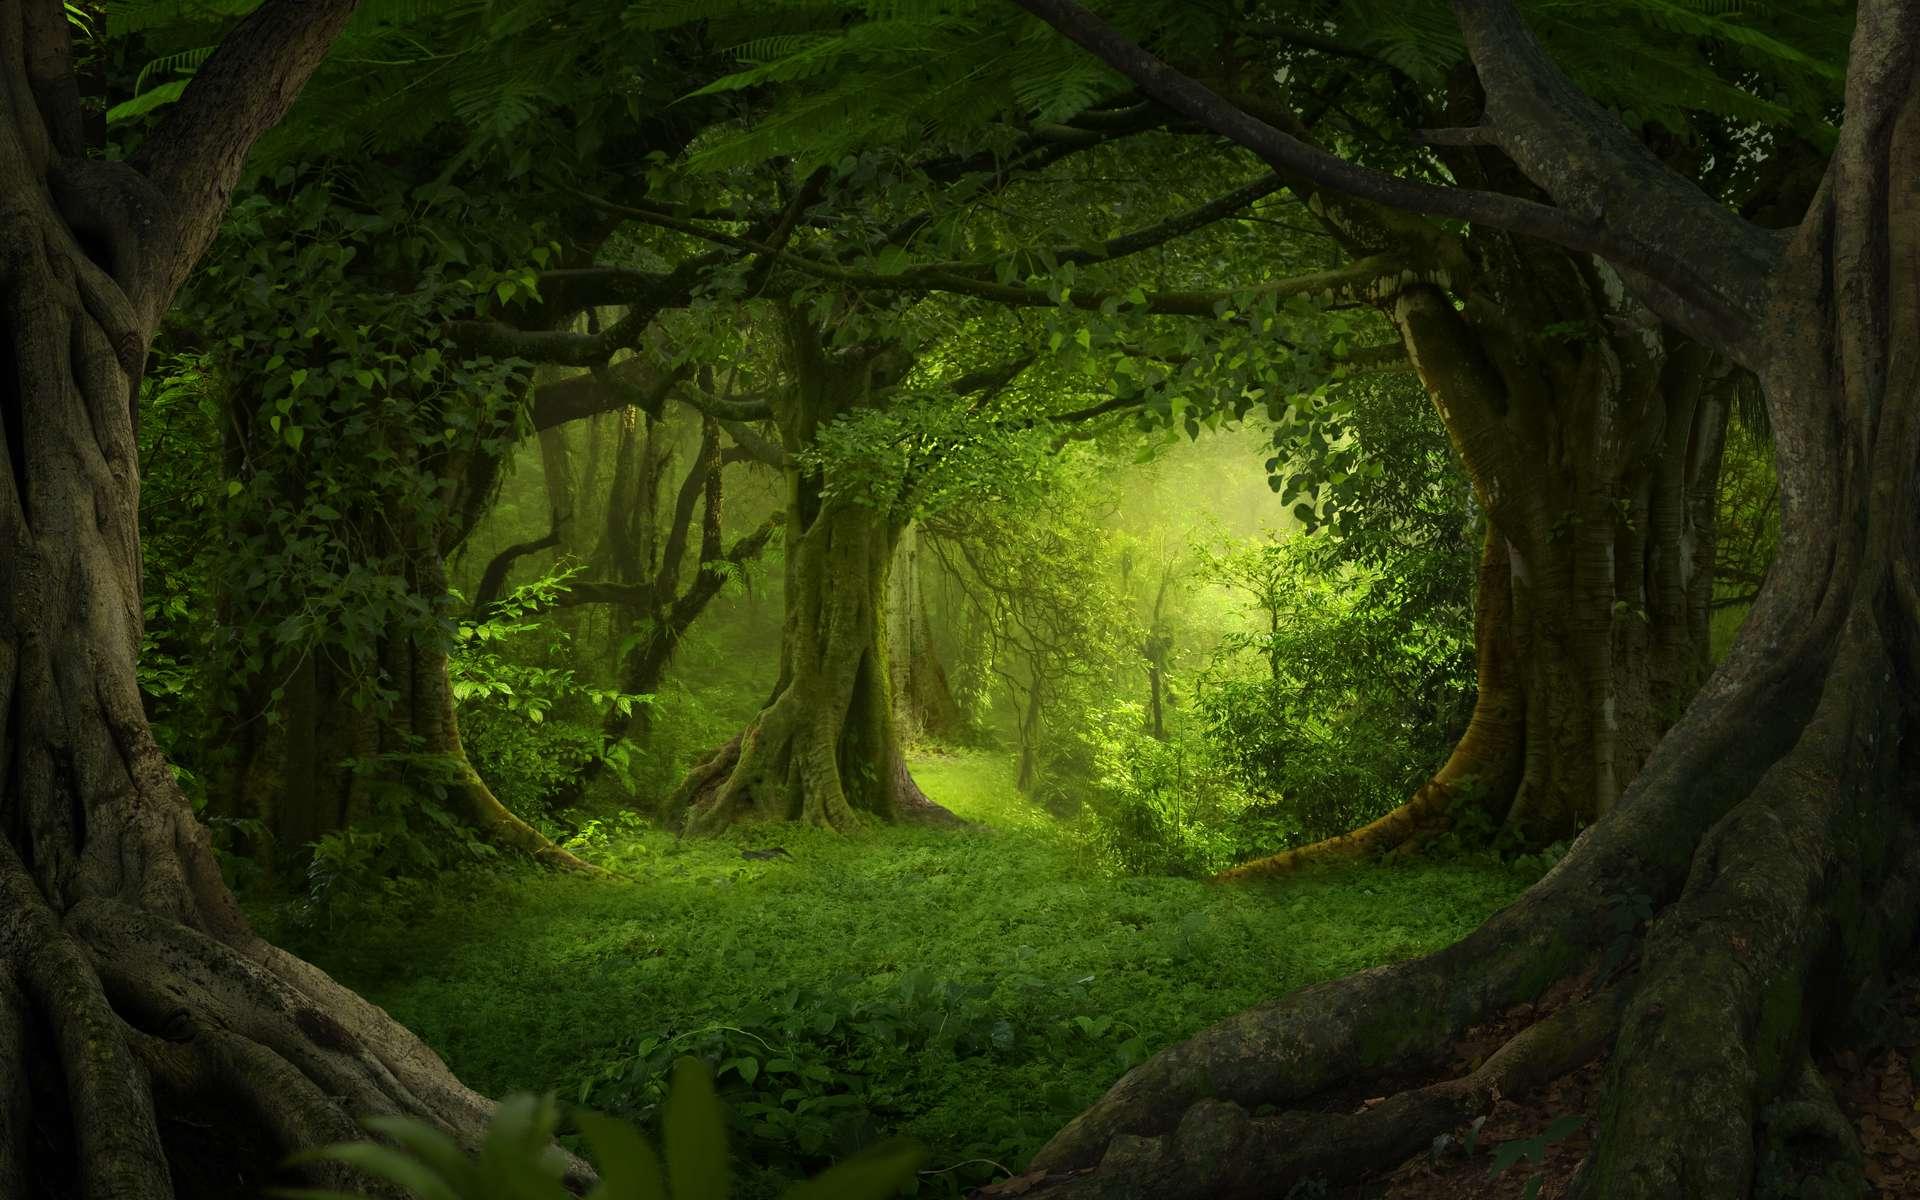 Le moteur de recherche Ecosia aurait permis de planter plus de 82 millions d'arbres. © Quickshooting, Adobe Stock